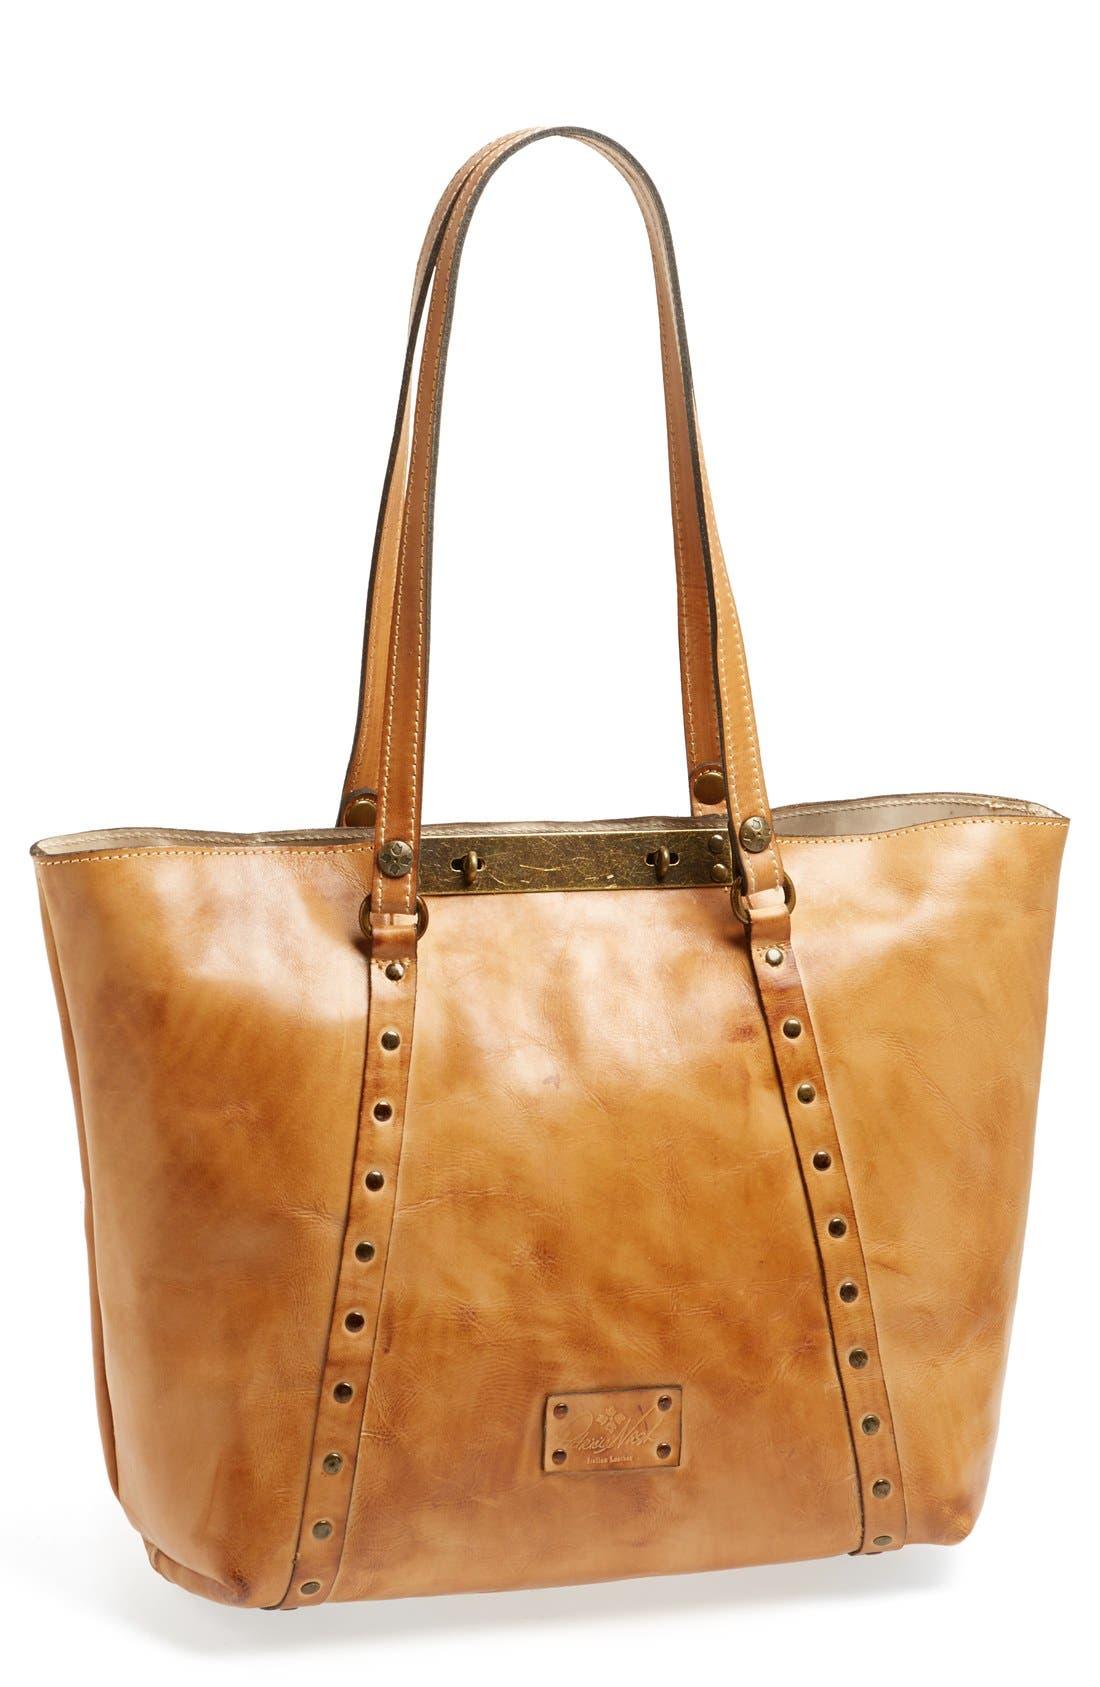 Main Image - Patricia Nash 'Benvenuto' Leather Tote